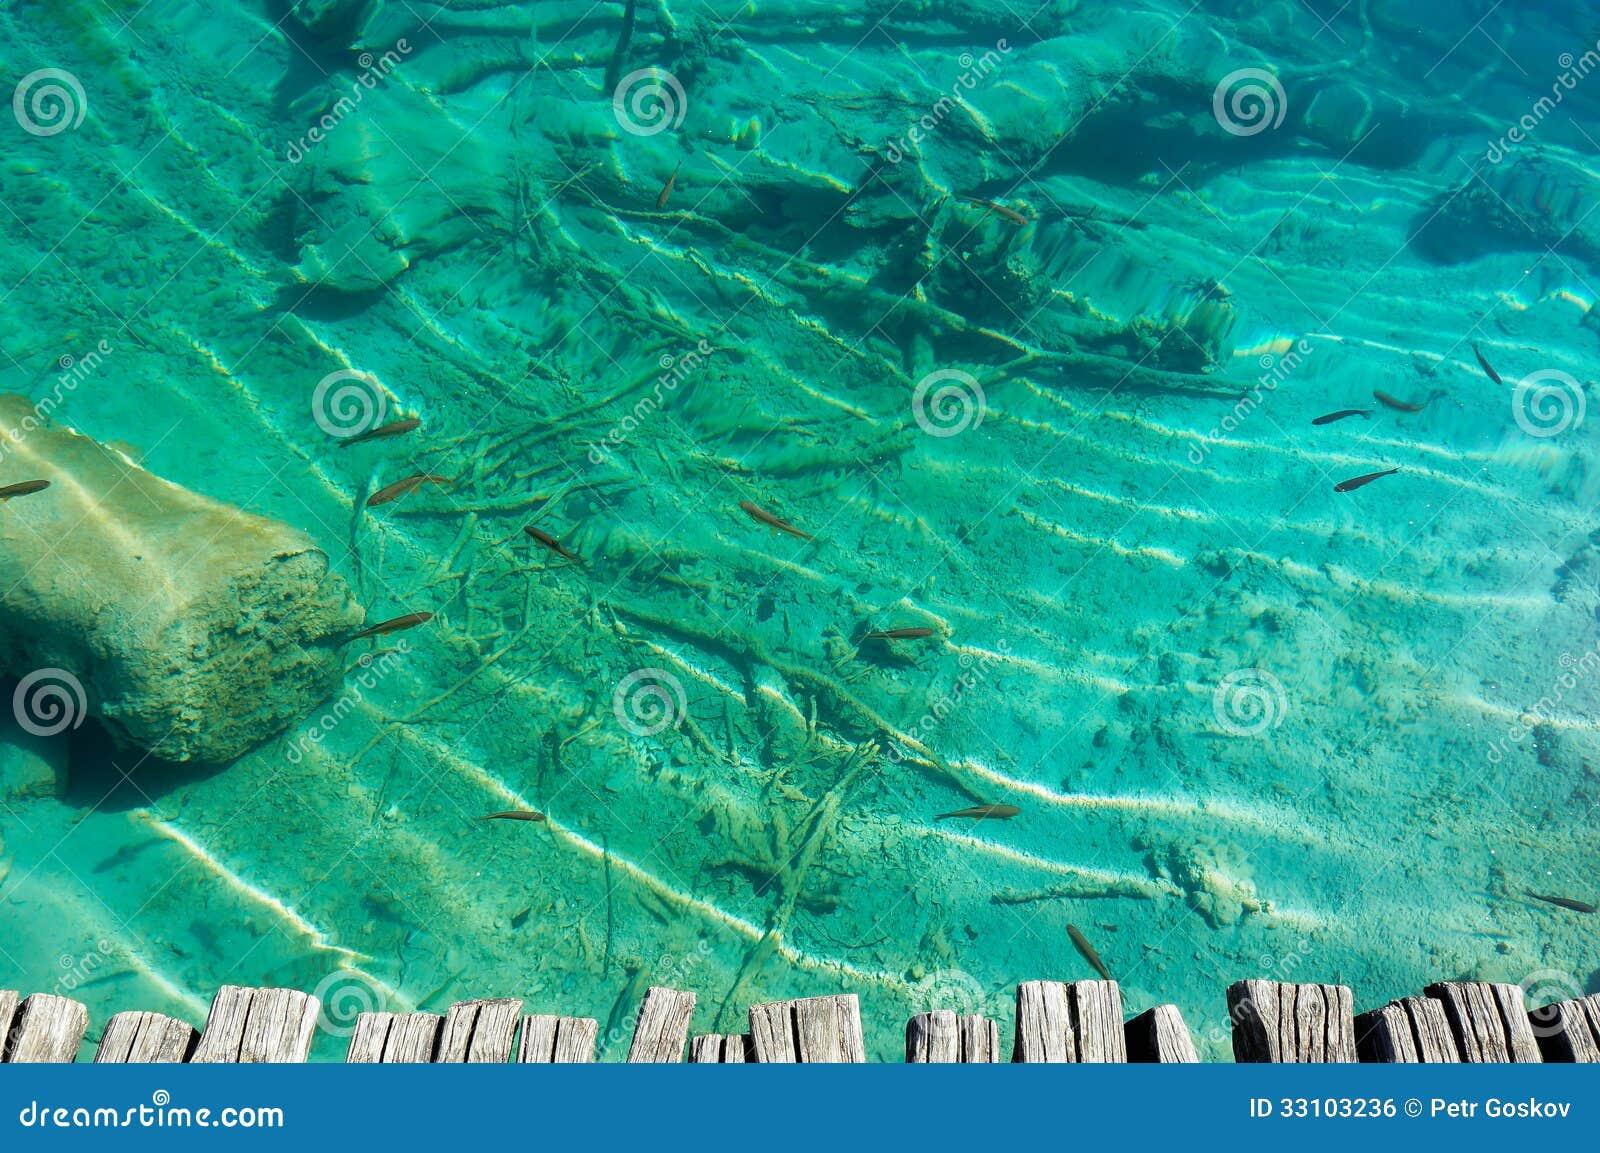 L 39 Eau Transparente De Lac Avec Des Poissons Image Libre De Droits Image 33103236